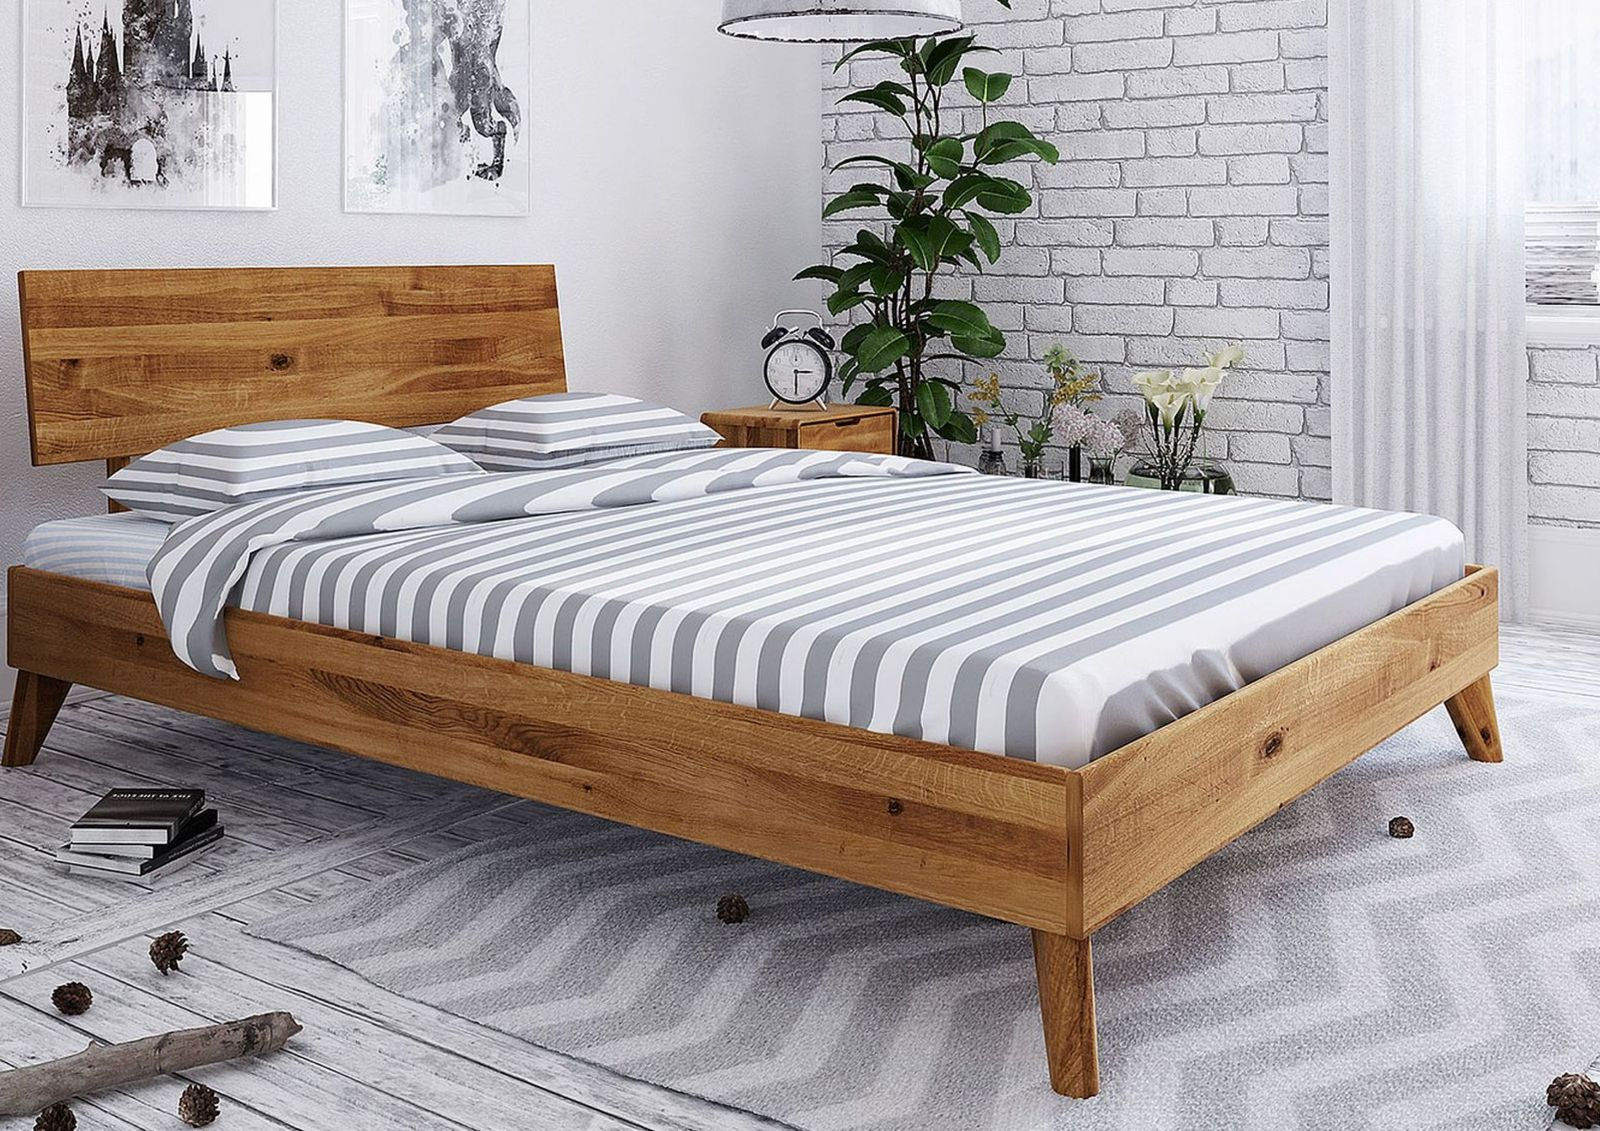 Full Size of Bett Günstig Skandinavisches Versandfrei Kaufen Massivmoebel24 Kinder Betten Weißes Futon 100x200 Küche Wildeiche Altes 200x180 Komplett Schlafzimmer Bett Bett Günstig